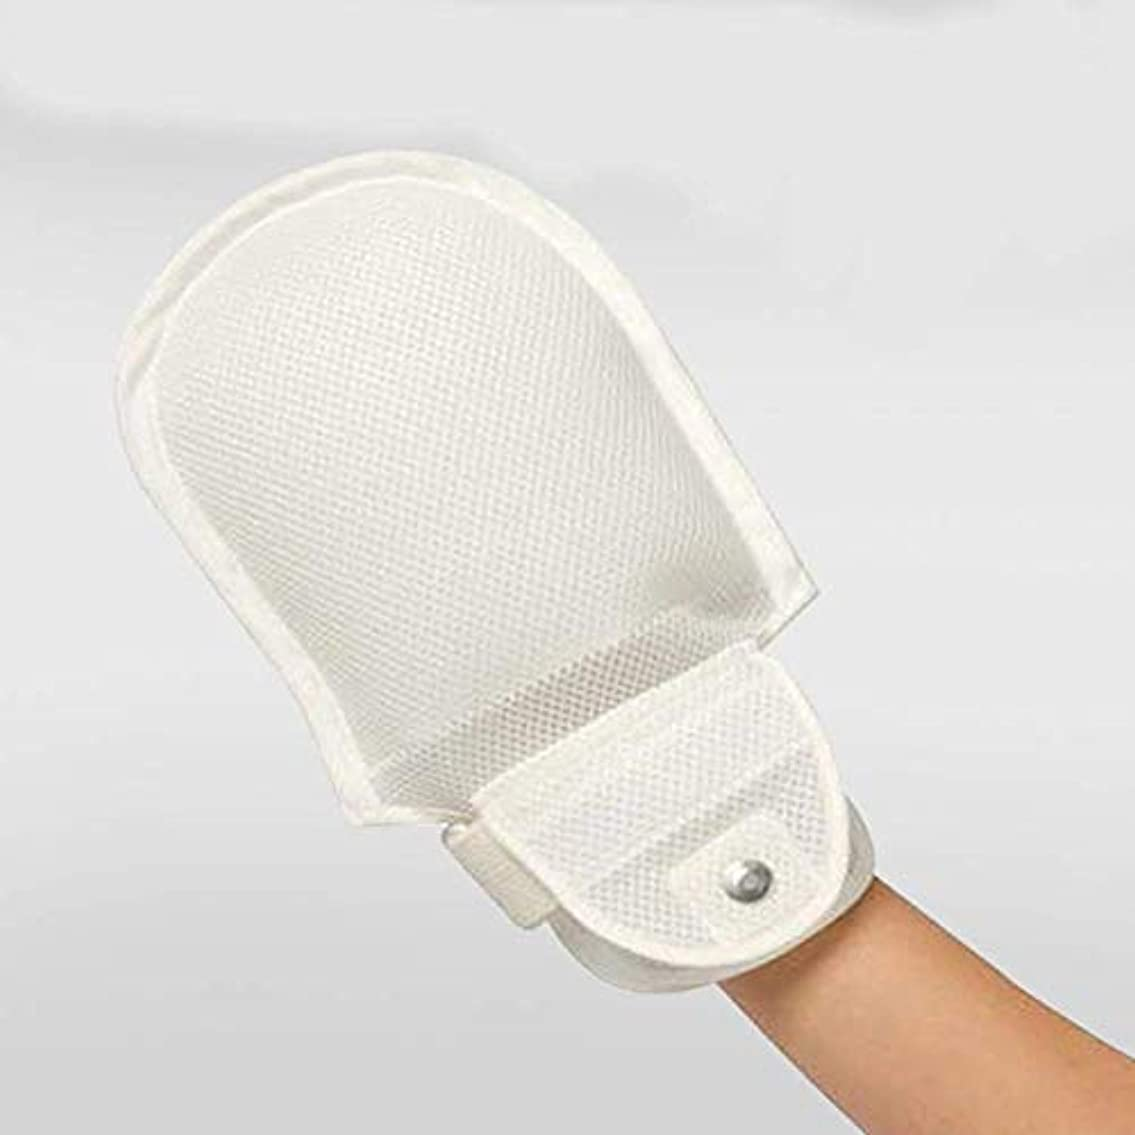 プランテーションアトミックドラッグフィンガーコントロールミット、手の拘束、認知症安全拘束手袋ハンドプロテクターを保護します。 (2PCS)